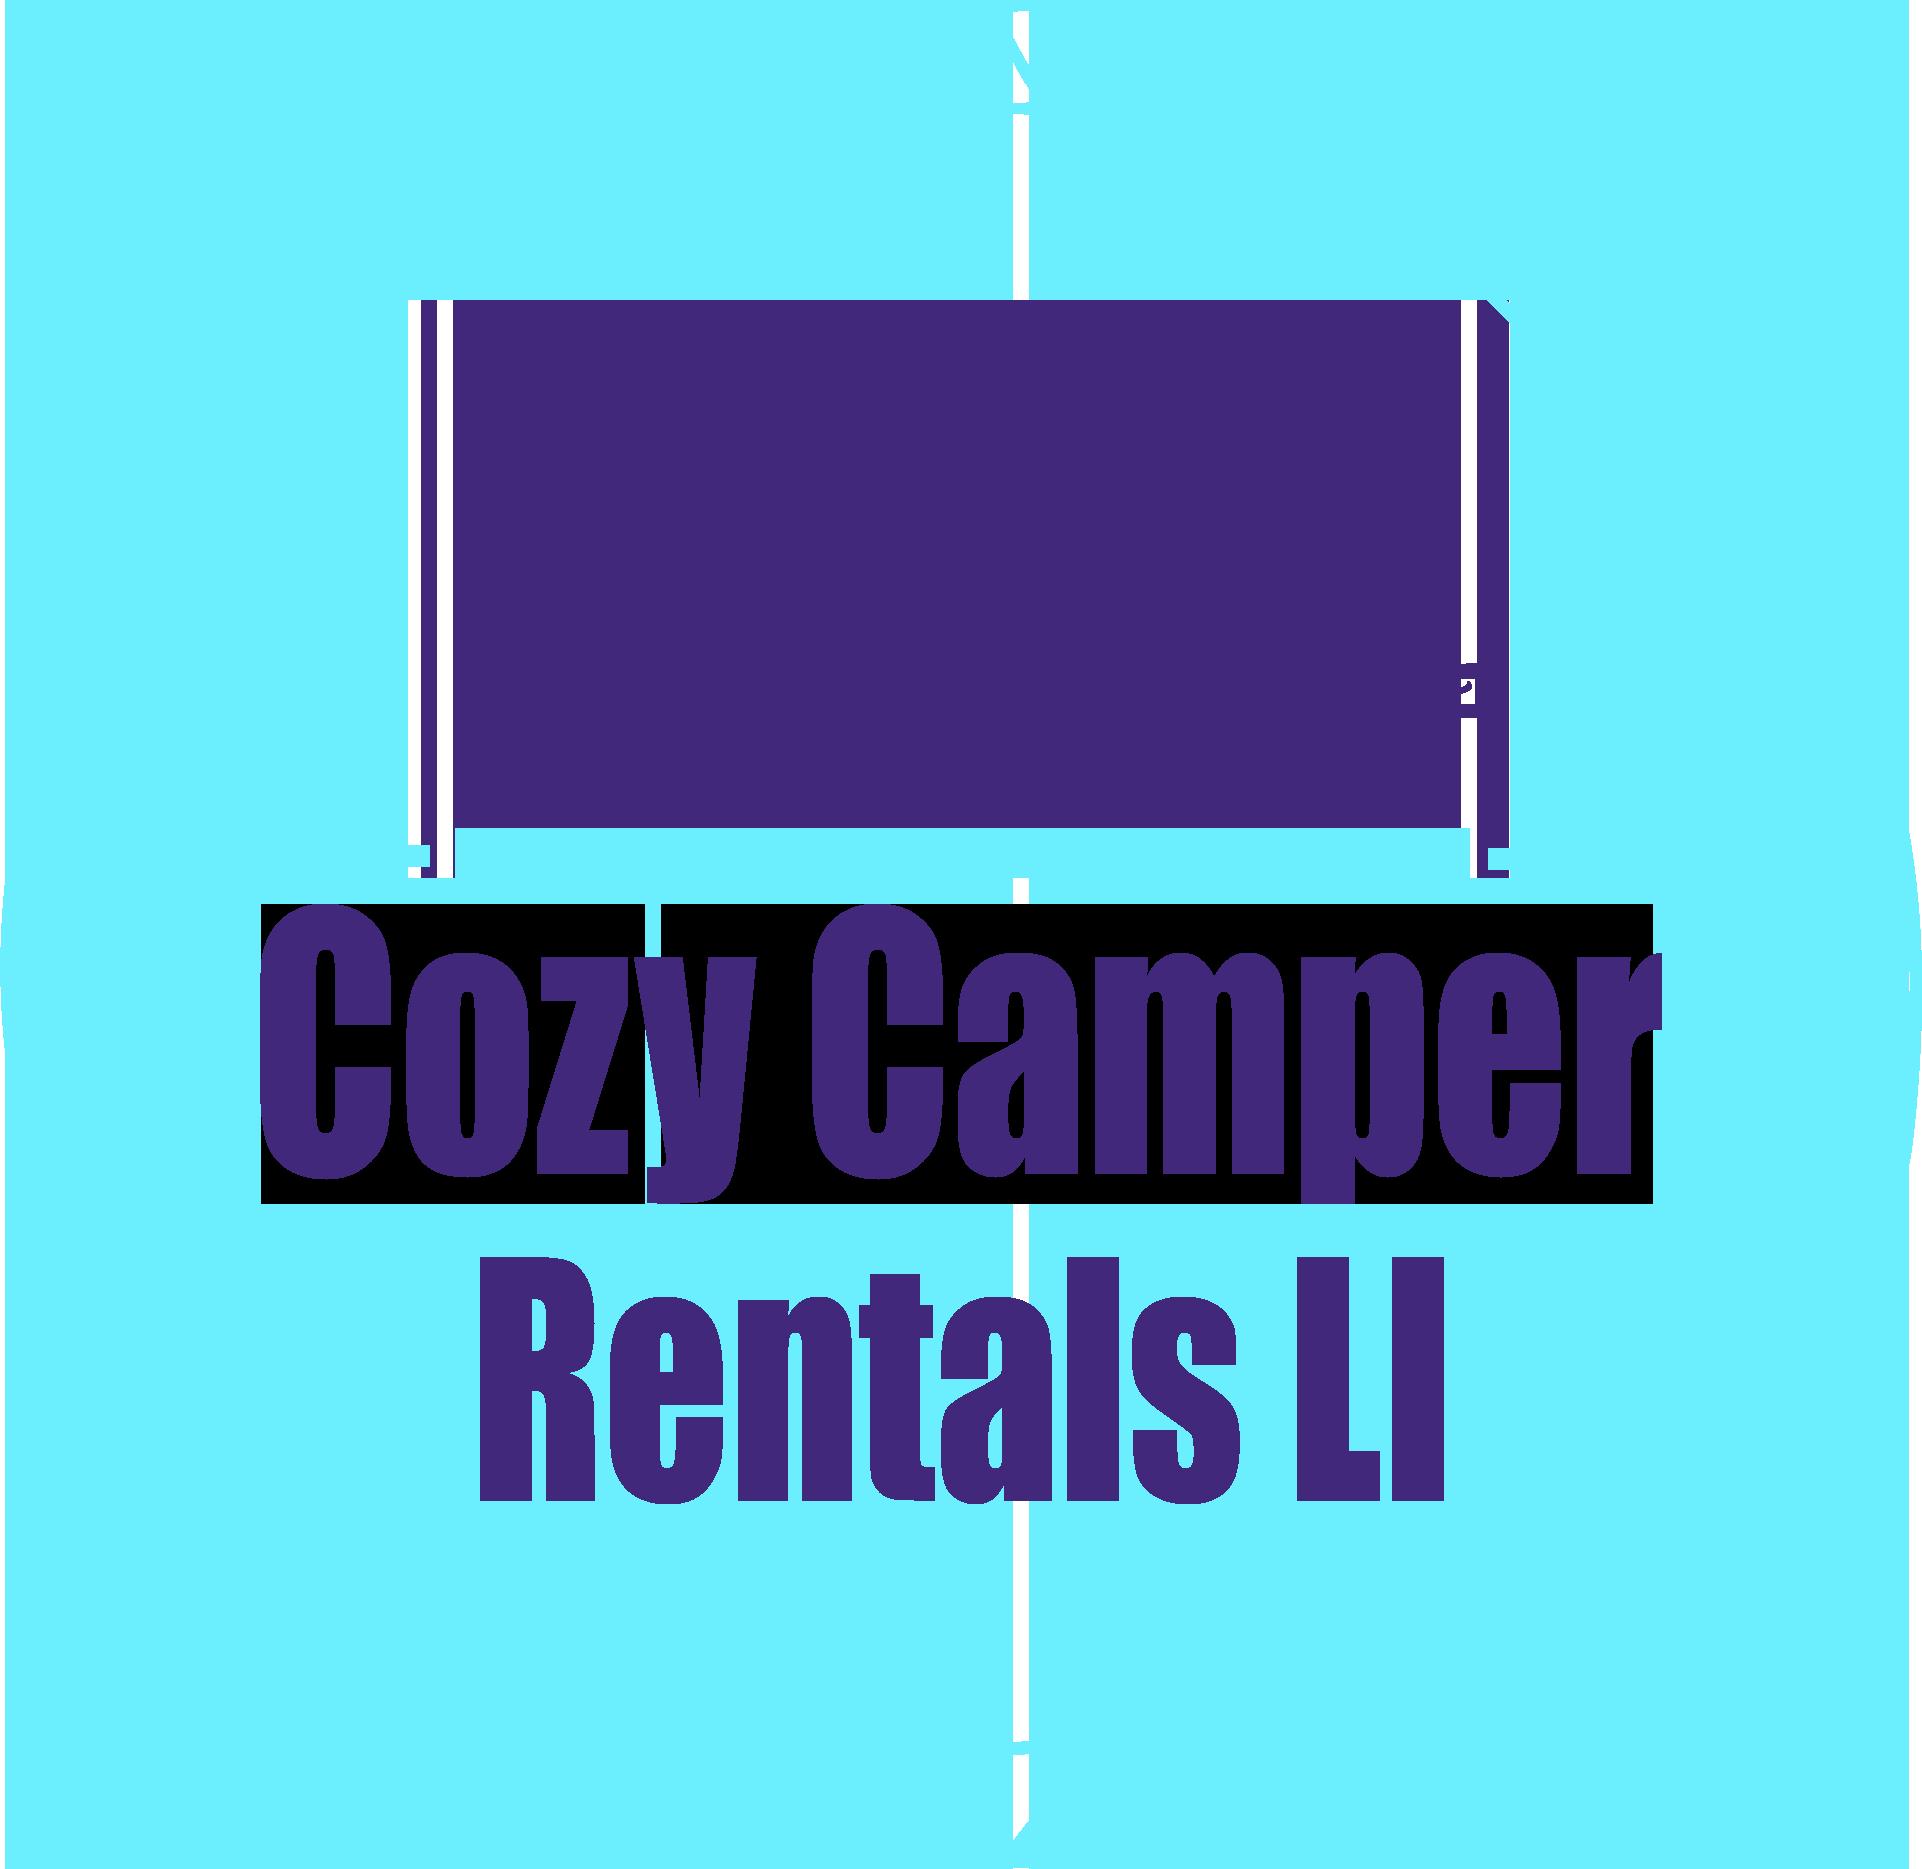 Cozy Camper Rentals LI